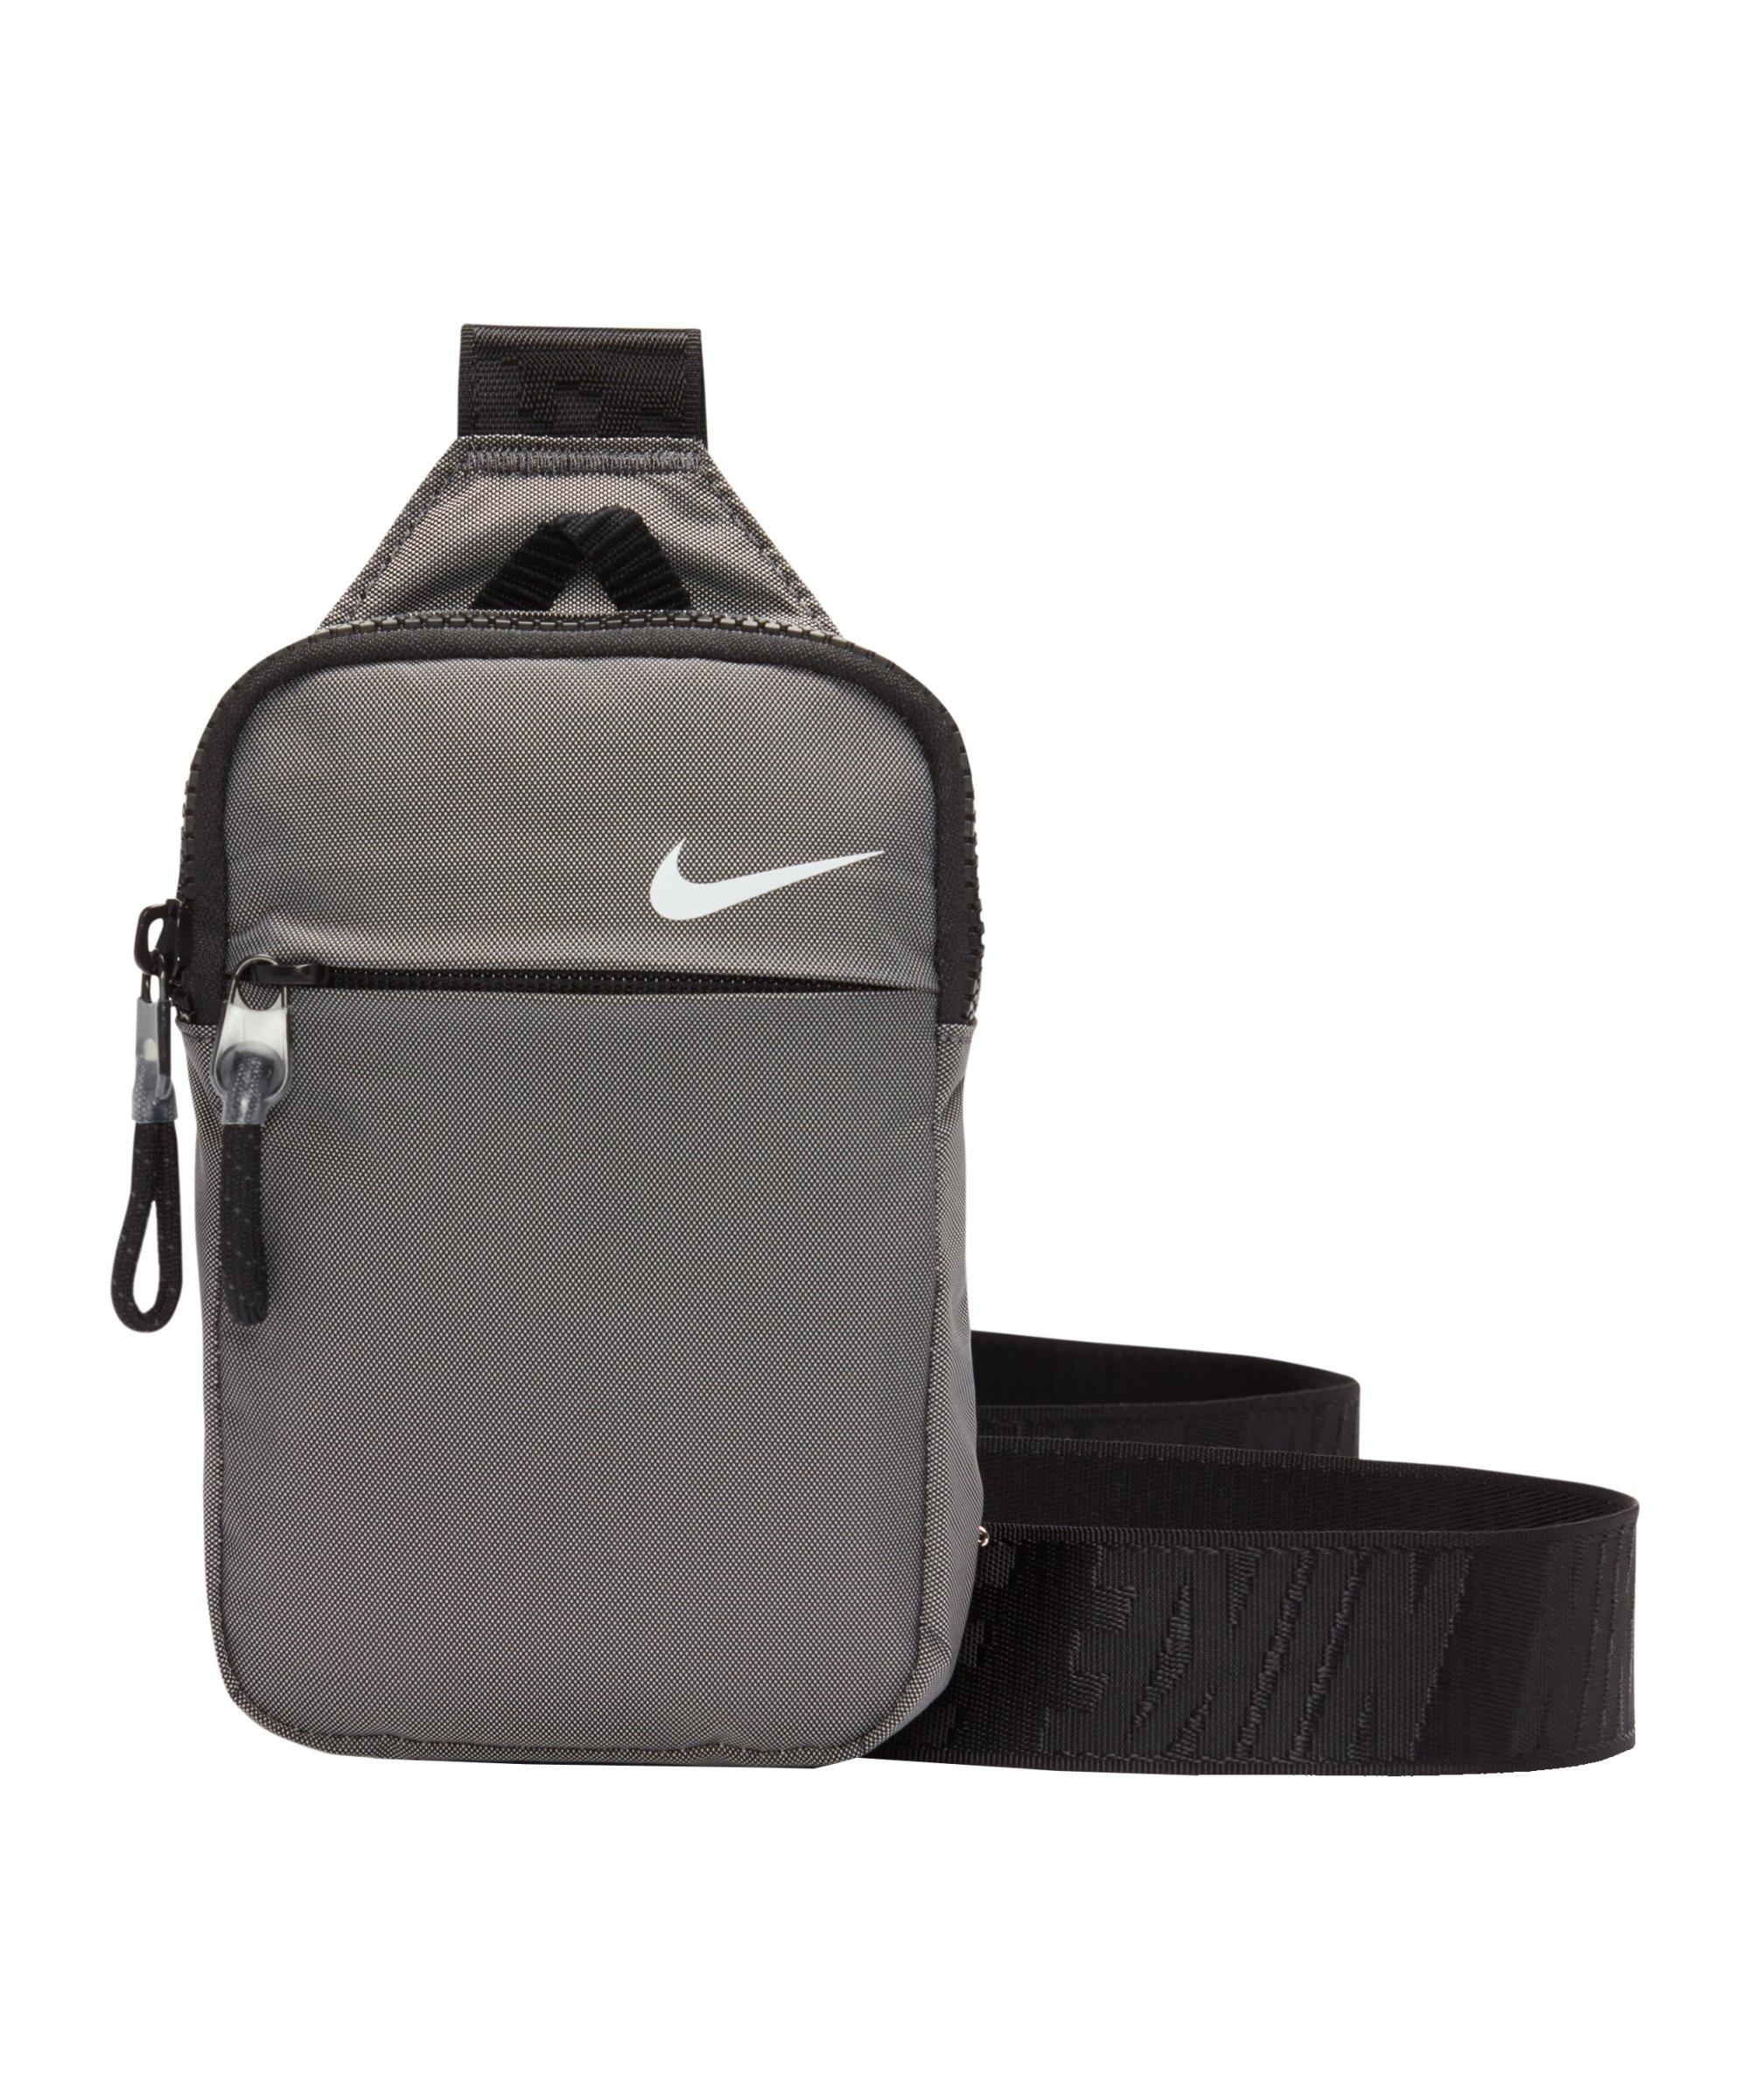 Nike Essential Crossbody Tasche Grau F010 - grau